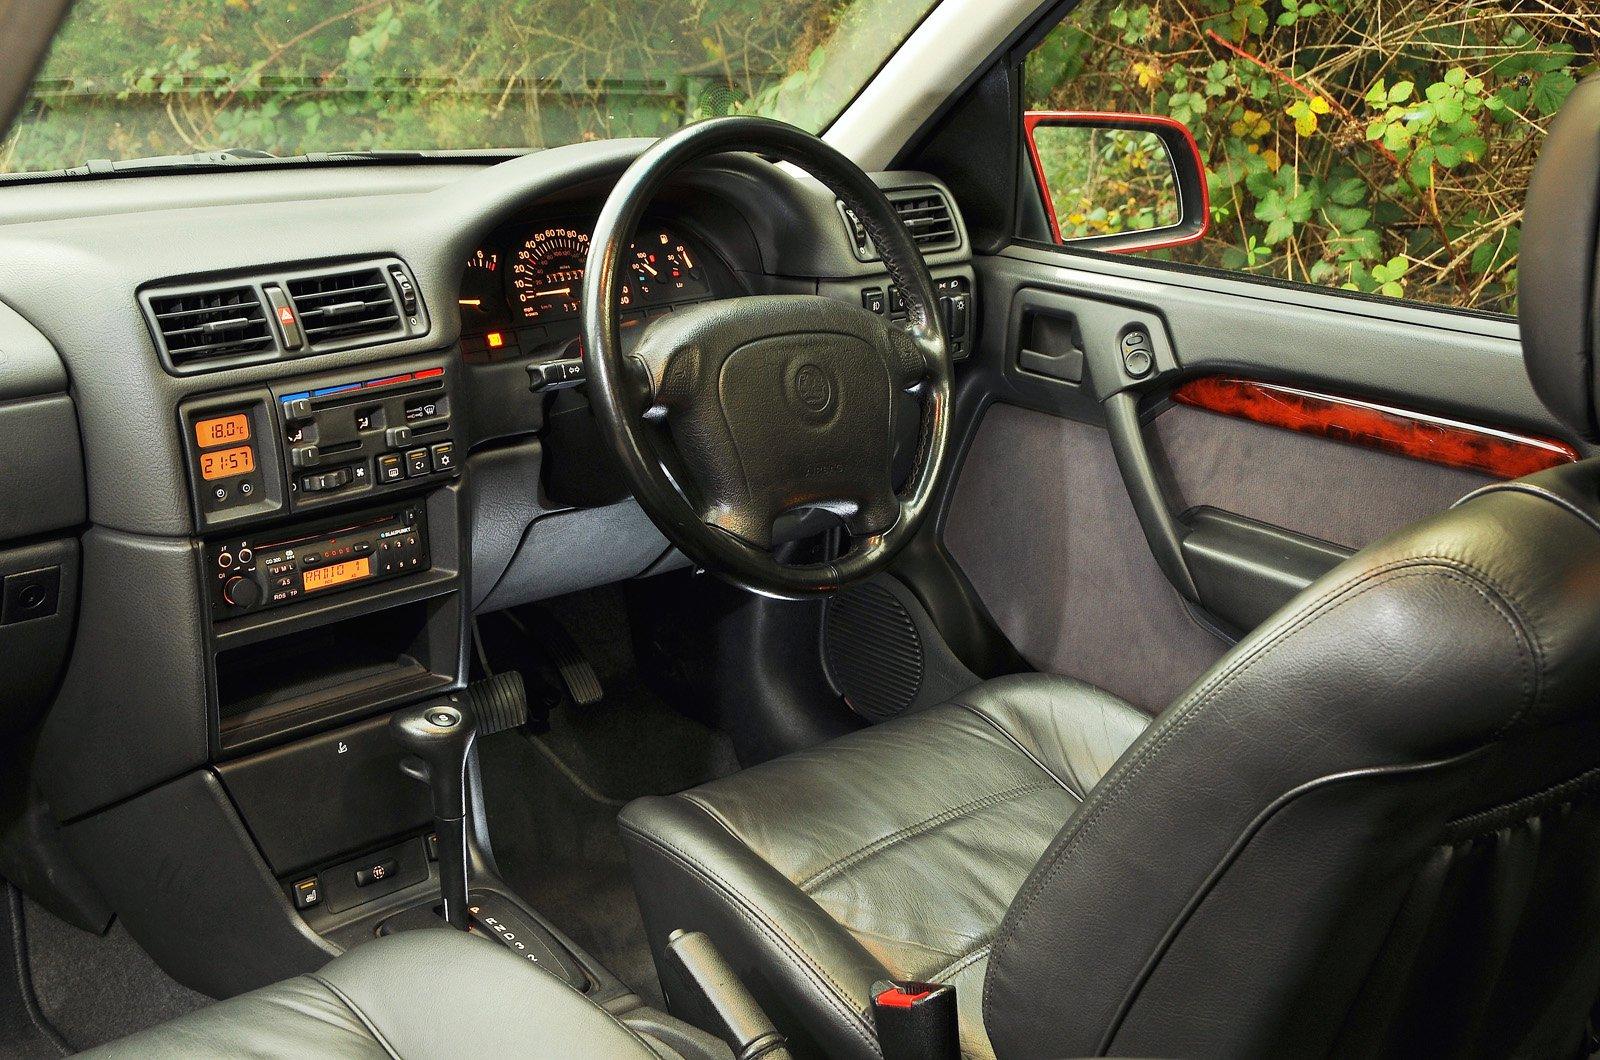 Vauxhall Cavalier Mk3 dashboard